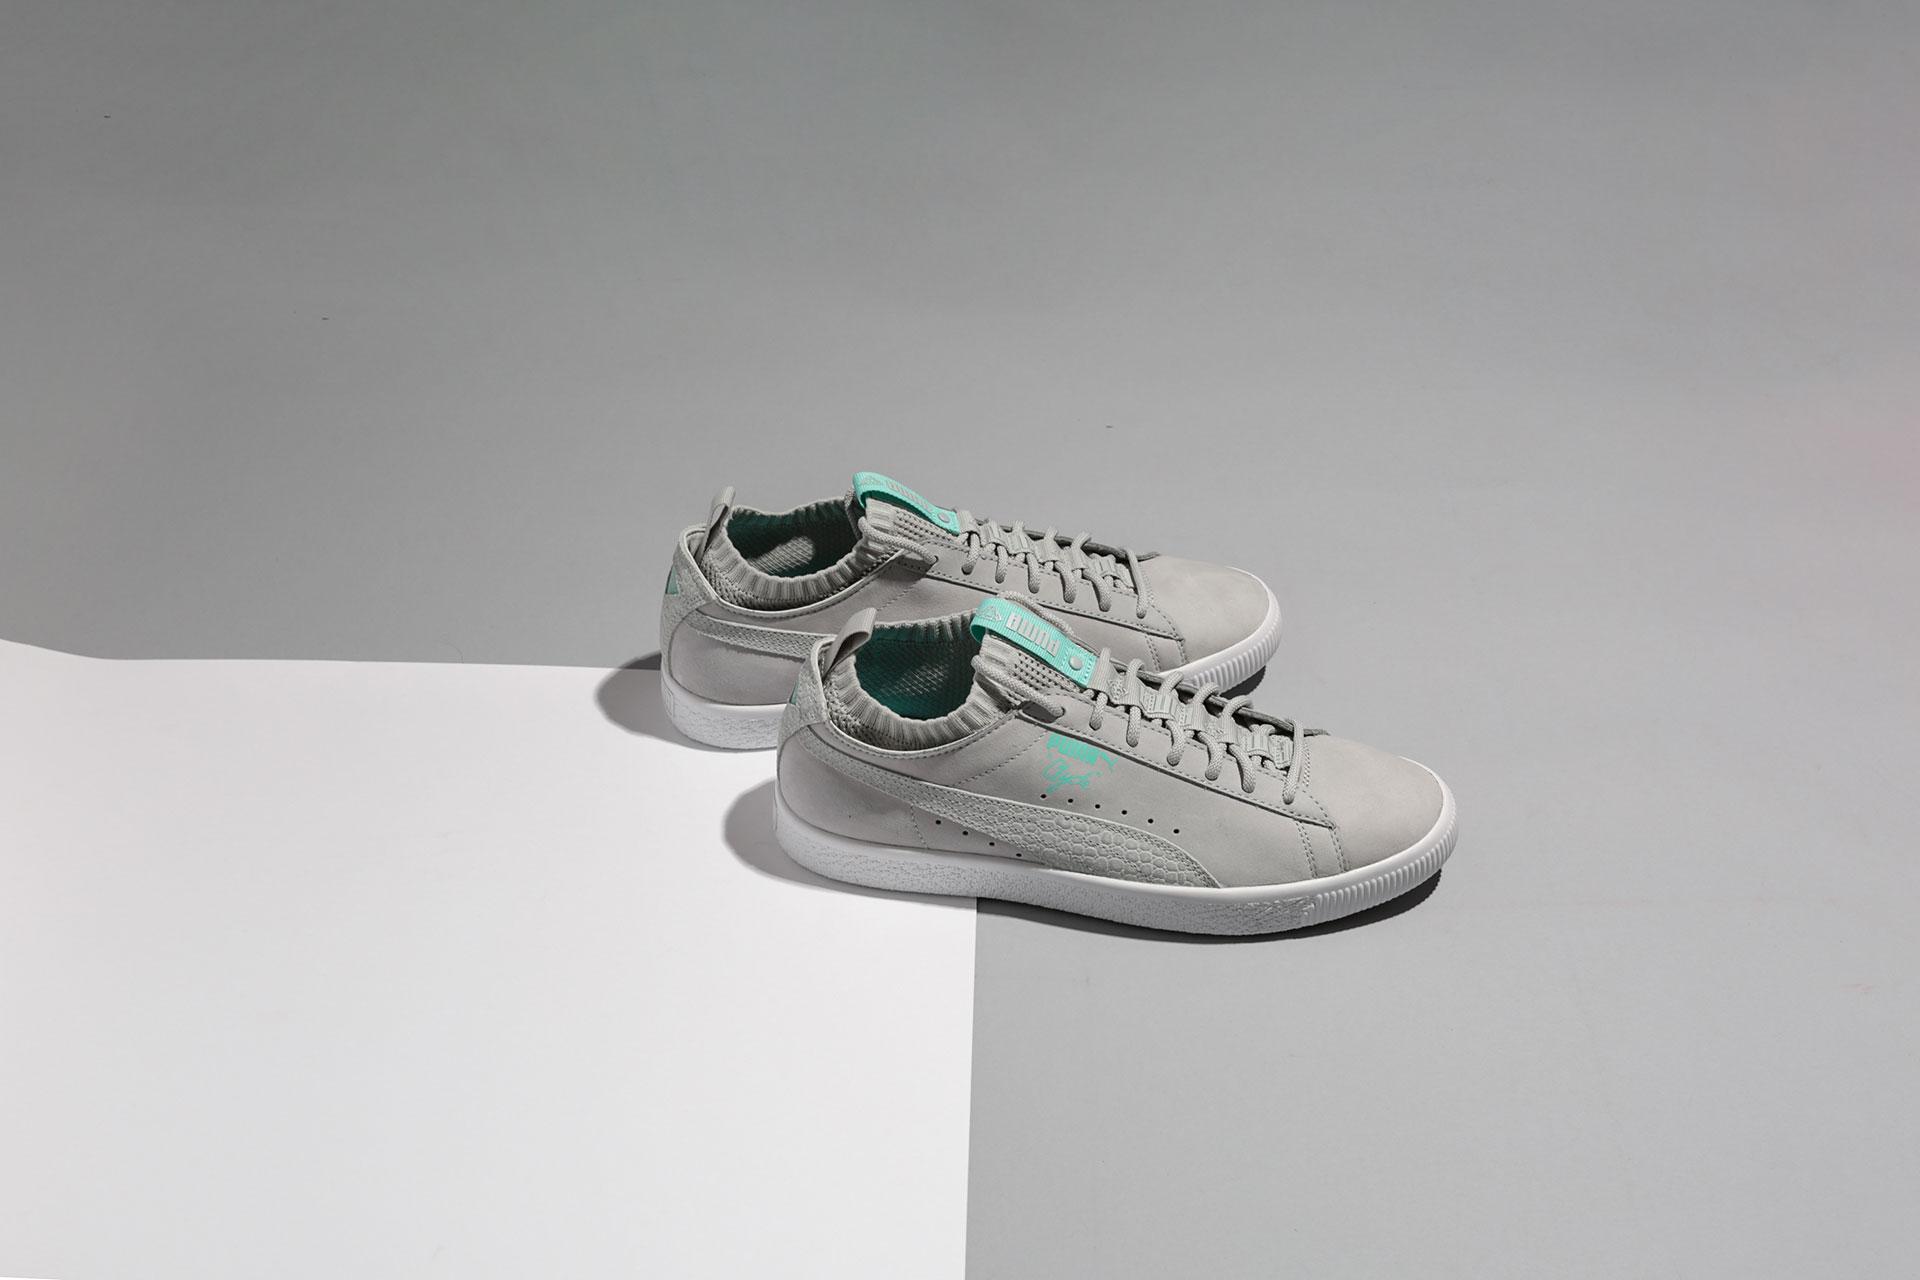 f195ef018a24 Купить серые мужские кроссовки Clyde Sock Lo Diamond от Puma ...